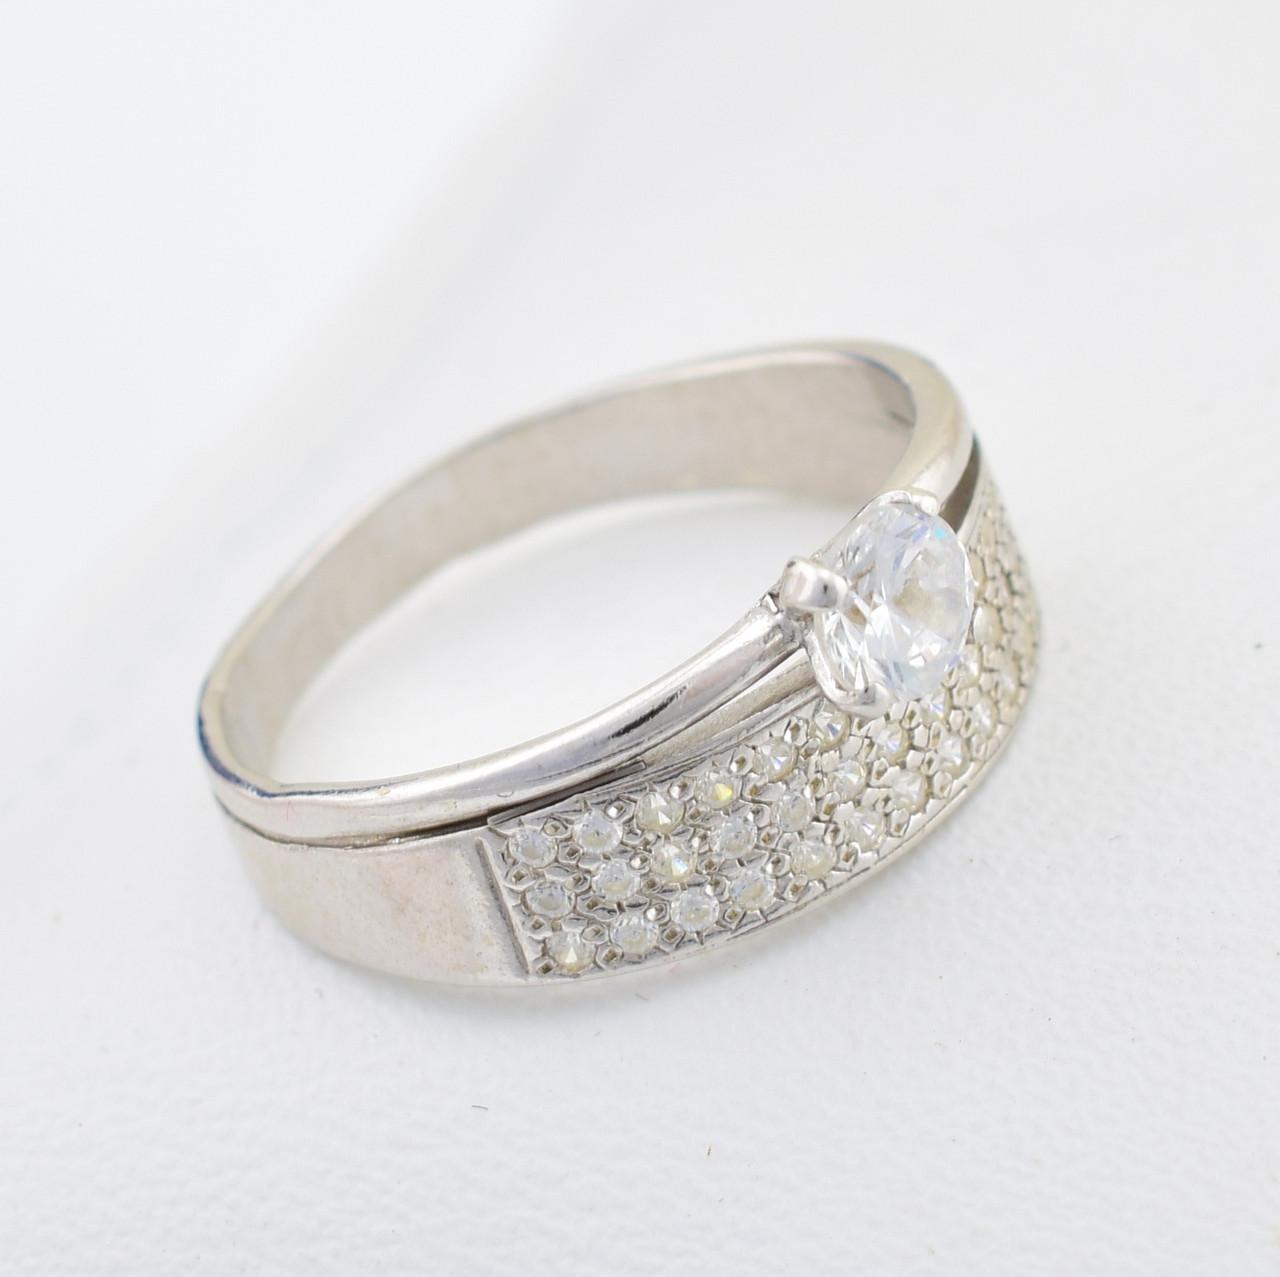 Серебряное кольцо Пассаж вставка белые фианиты вес 3.18 г размер 19